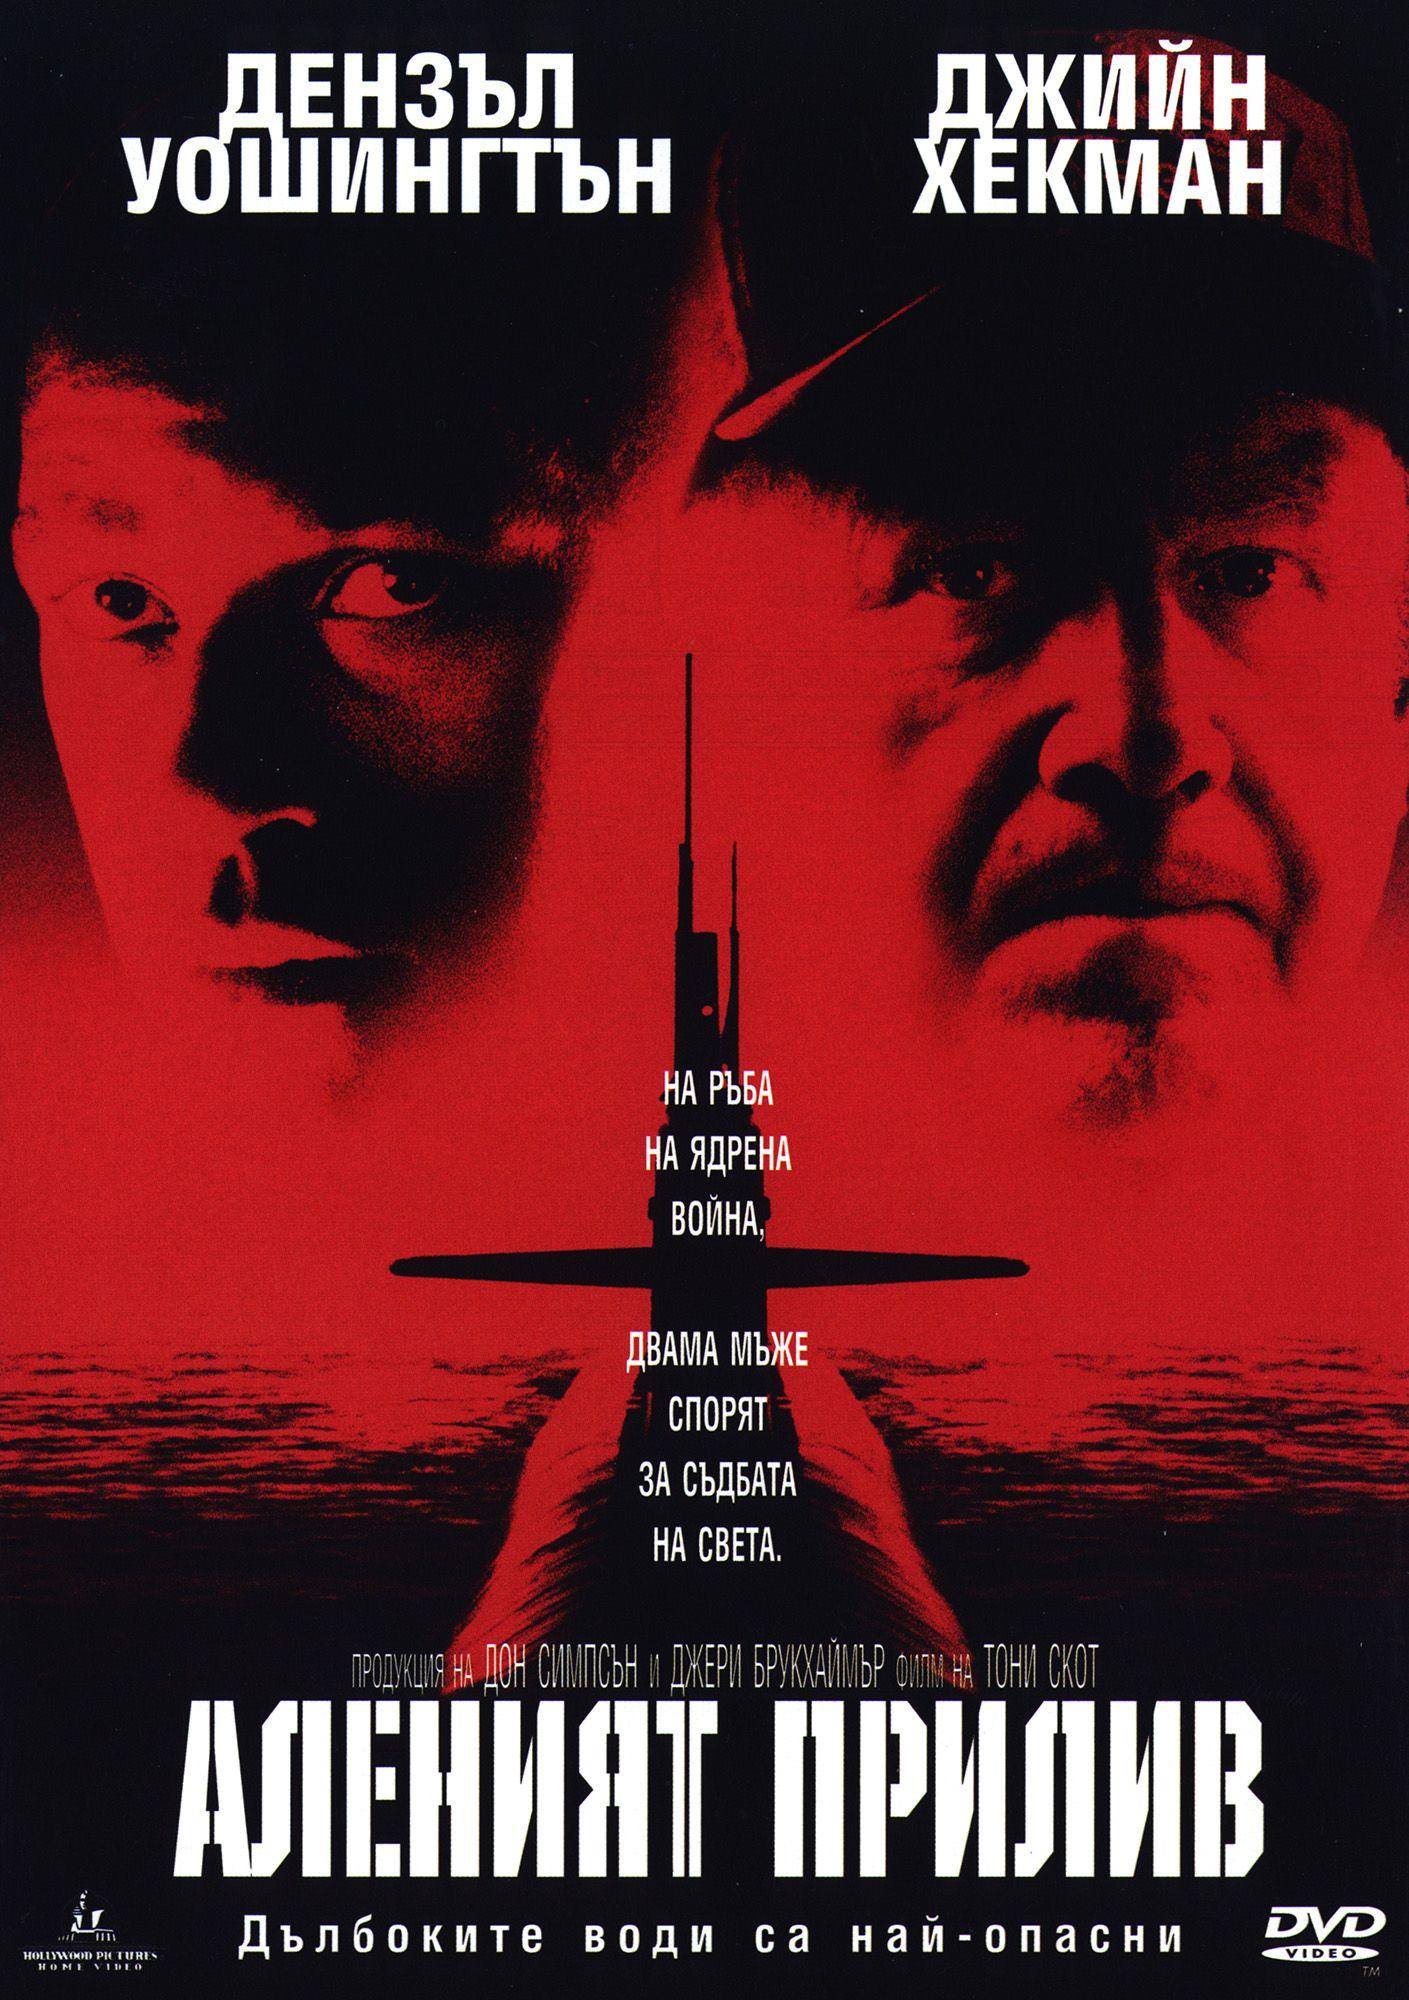 Аленият прилив (DVD) - 1